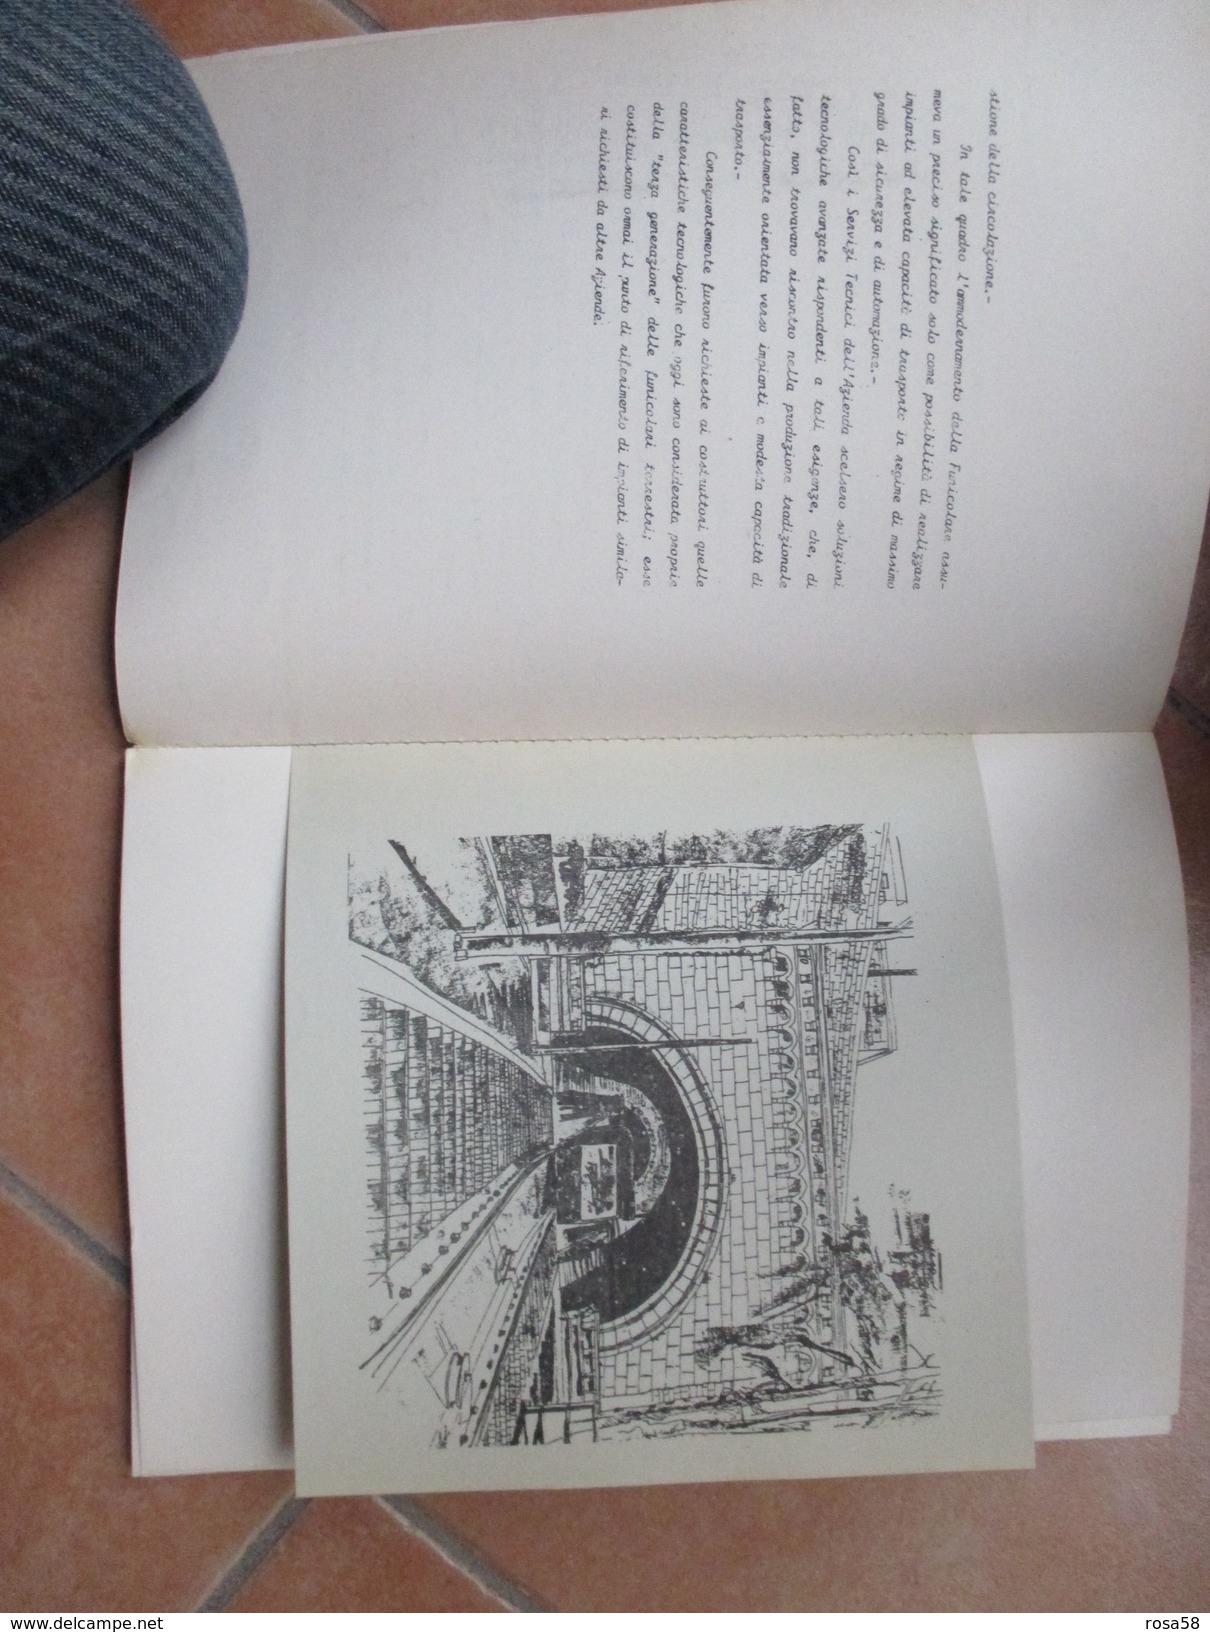 Napoli A.T.A.N 1984 Funicolare Di MONTESANTO Presentazione Opera E Tavole Allegate - Mapas